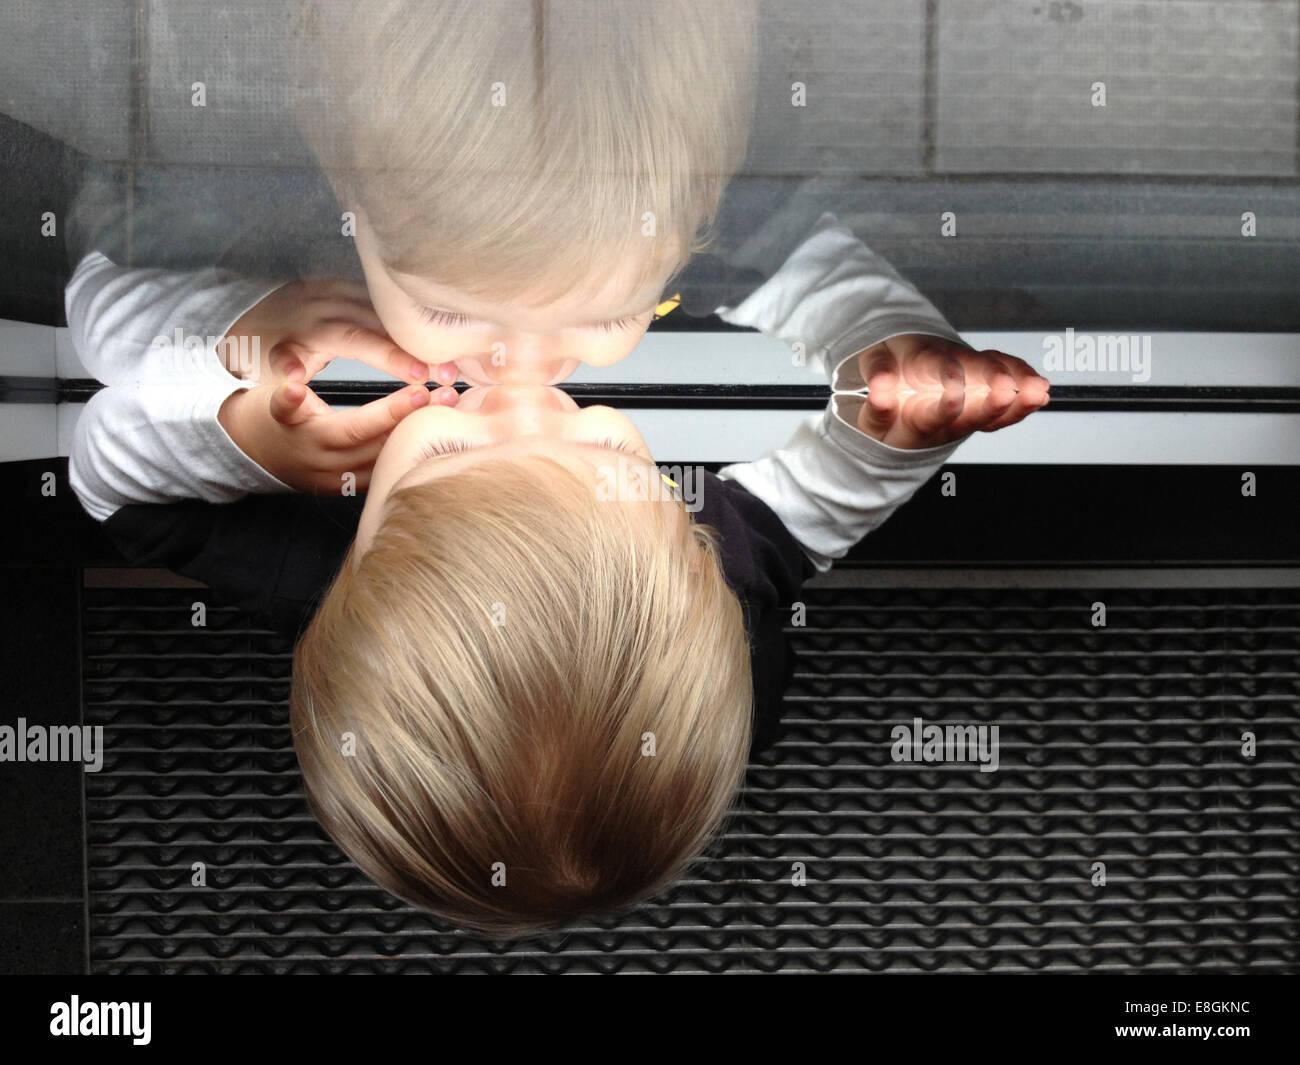 Estocolmo, Suecia un poco Chico mirando por una ventana y ver su propio reflejo Imagen De Stock